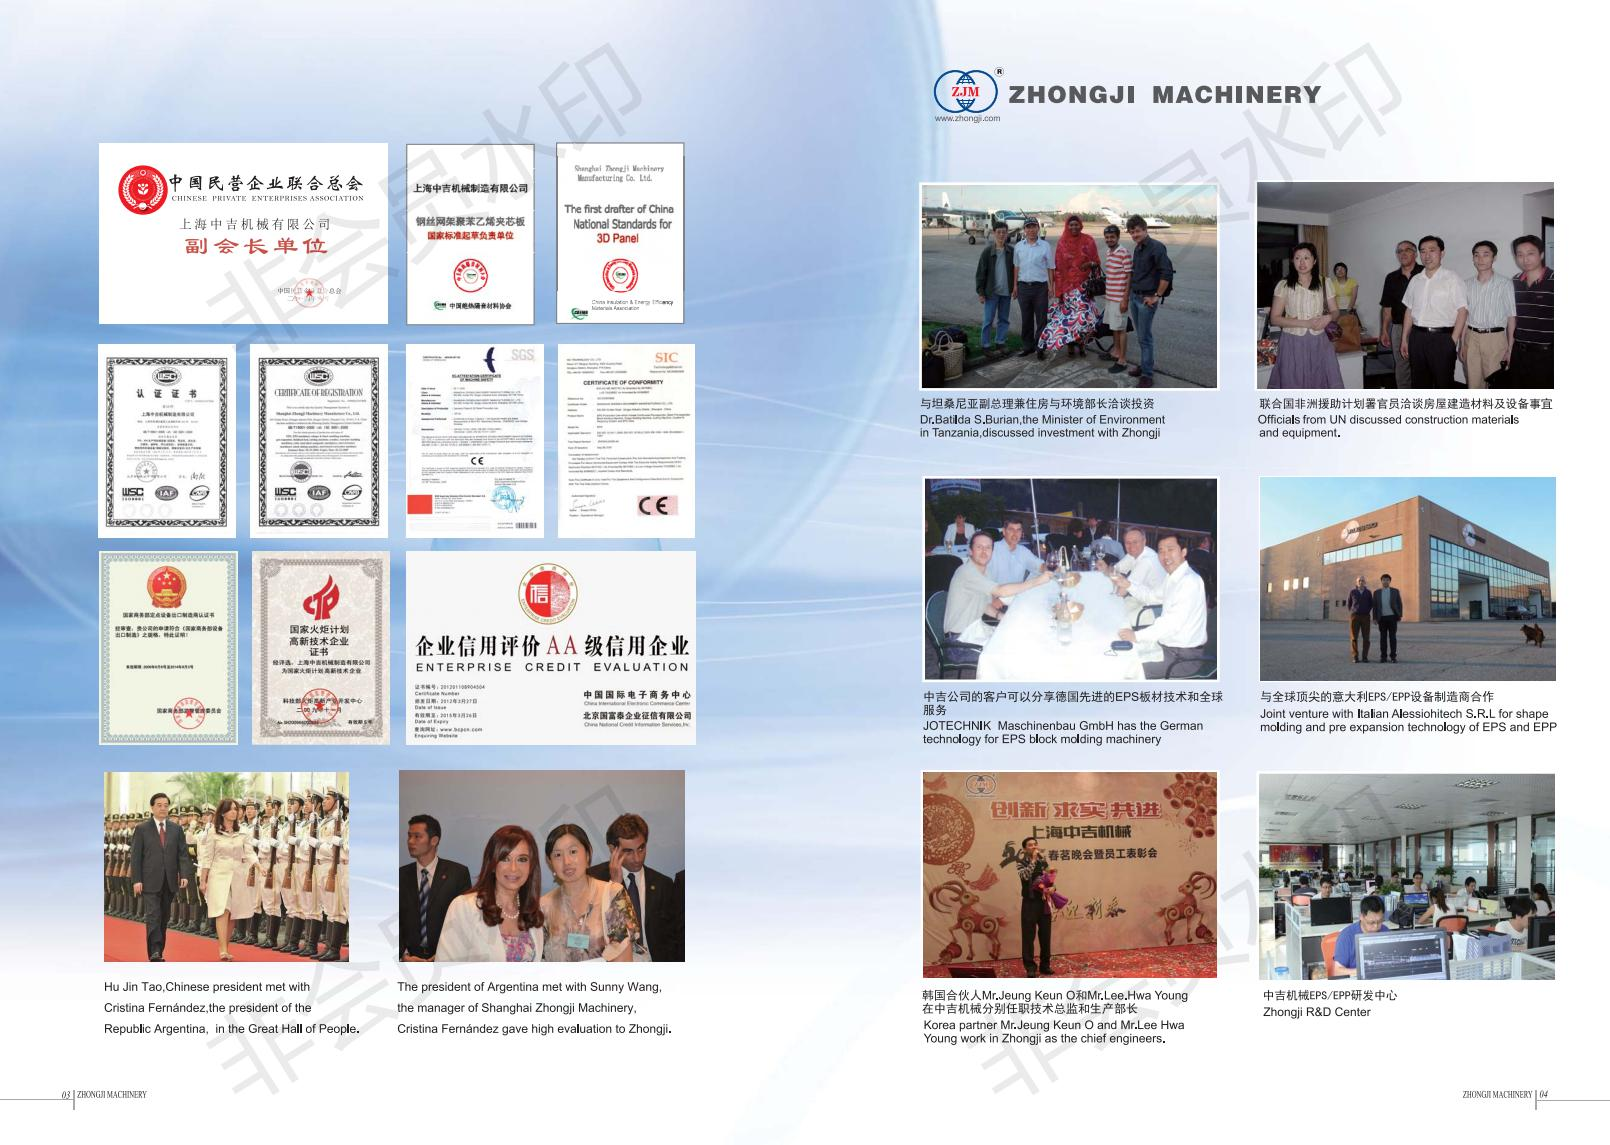 上海幸运28 机械有限公司获奖说明